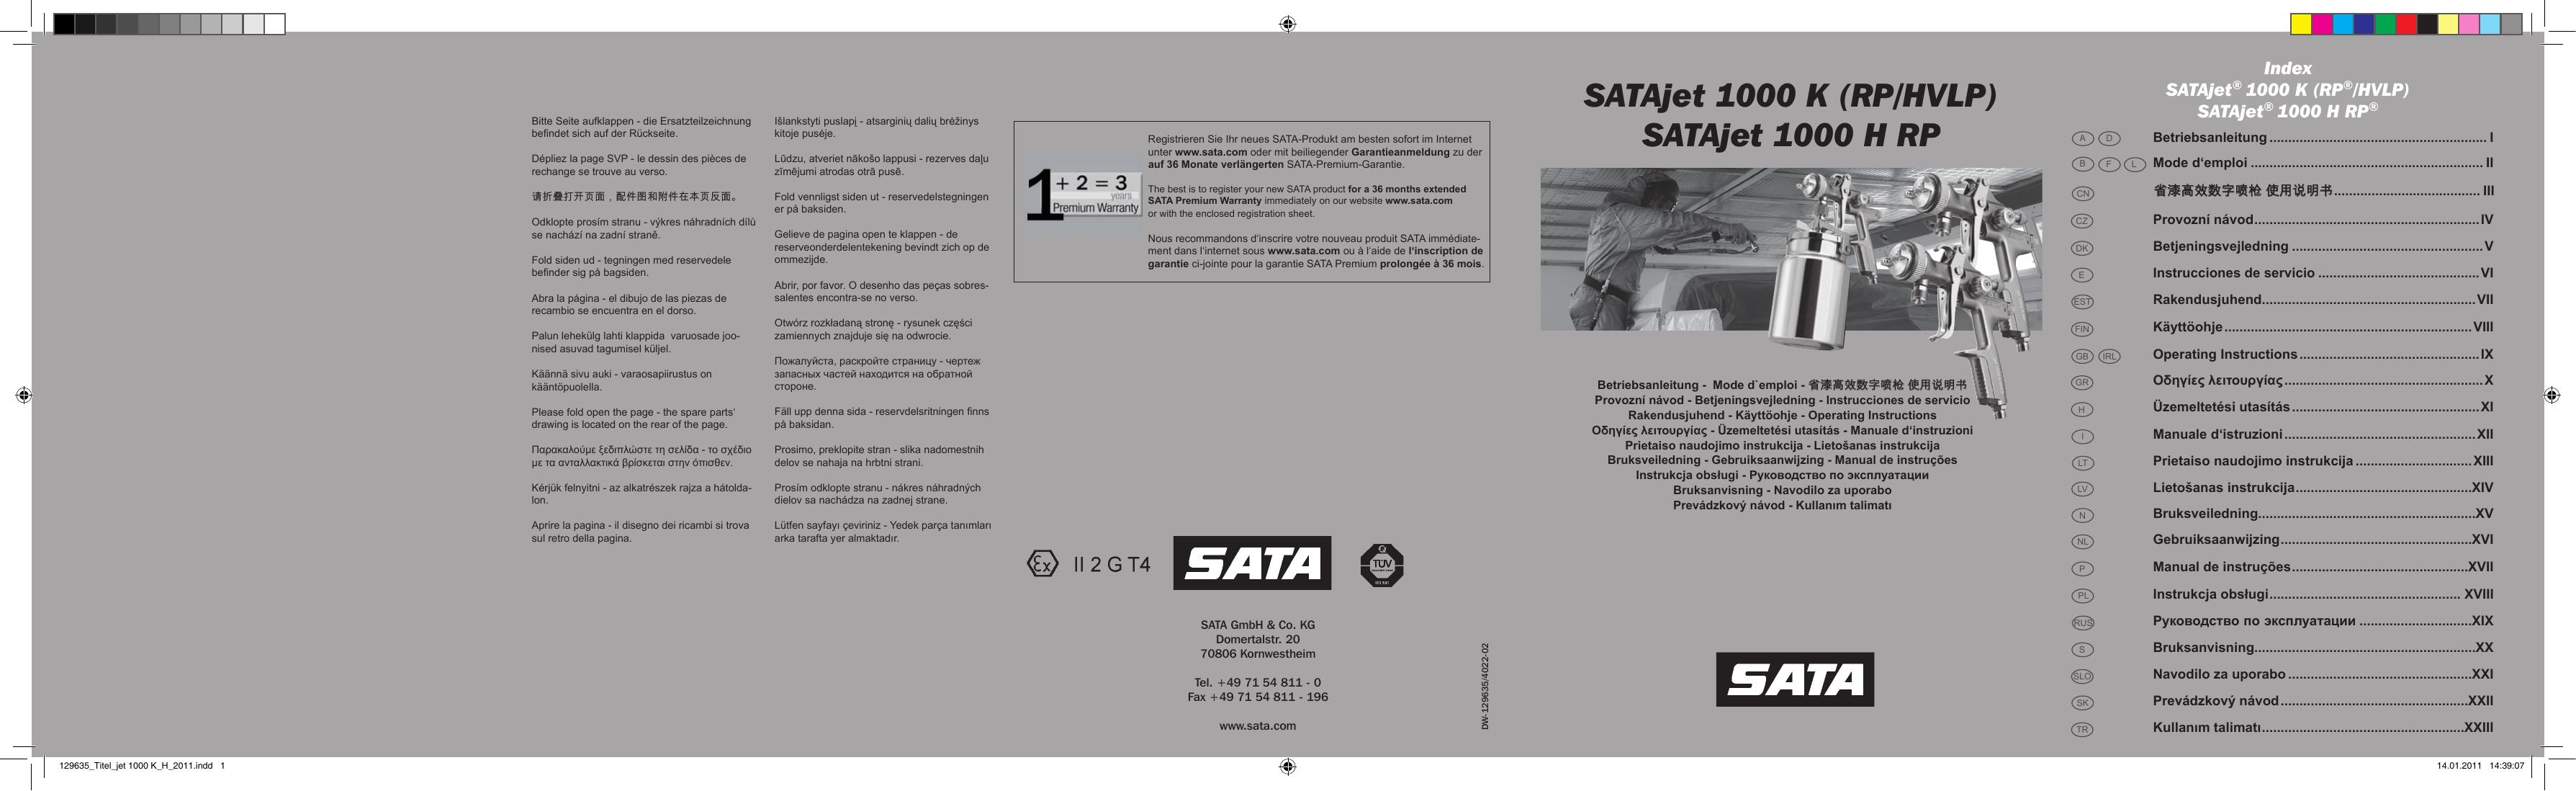 150 Micrometro Fauge 50 PZ Filtri per Carta Fine Maglia per Filtro Sieve Nuovo